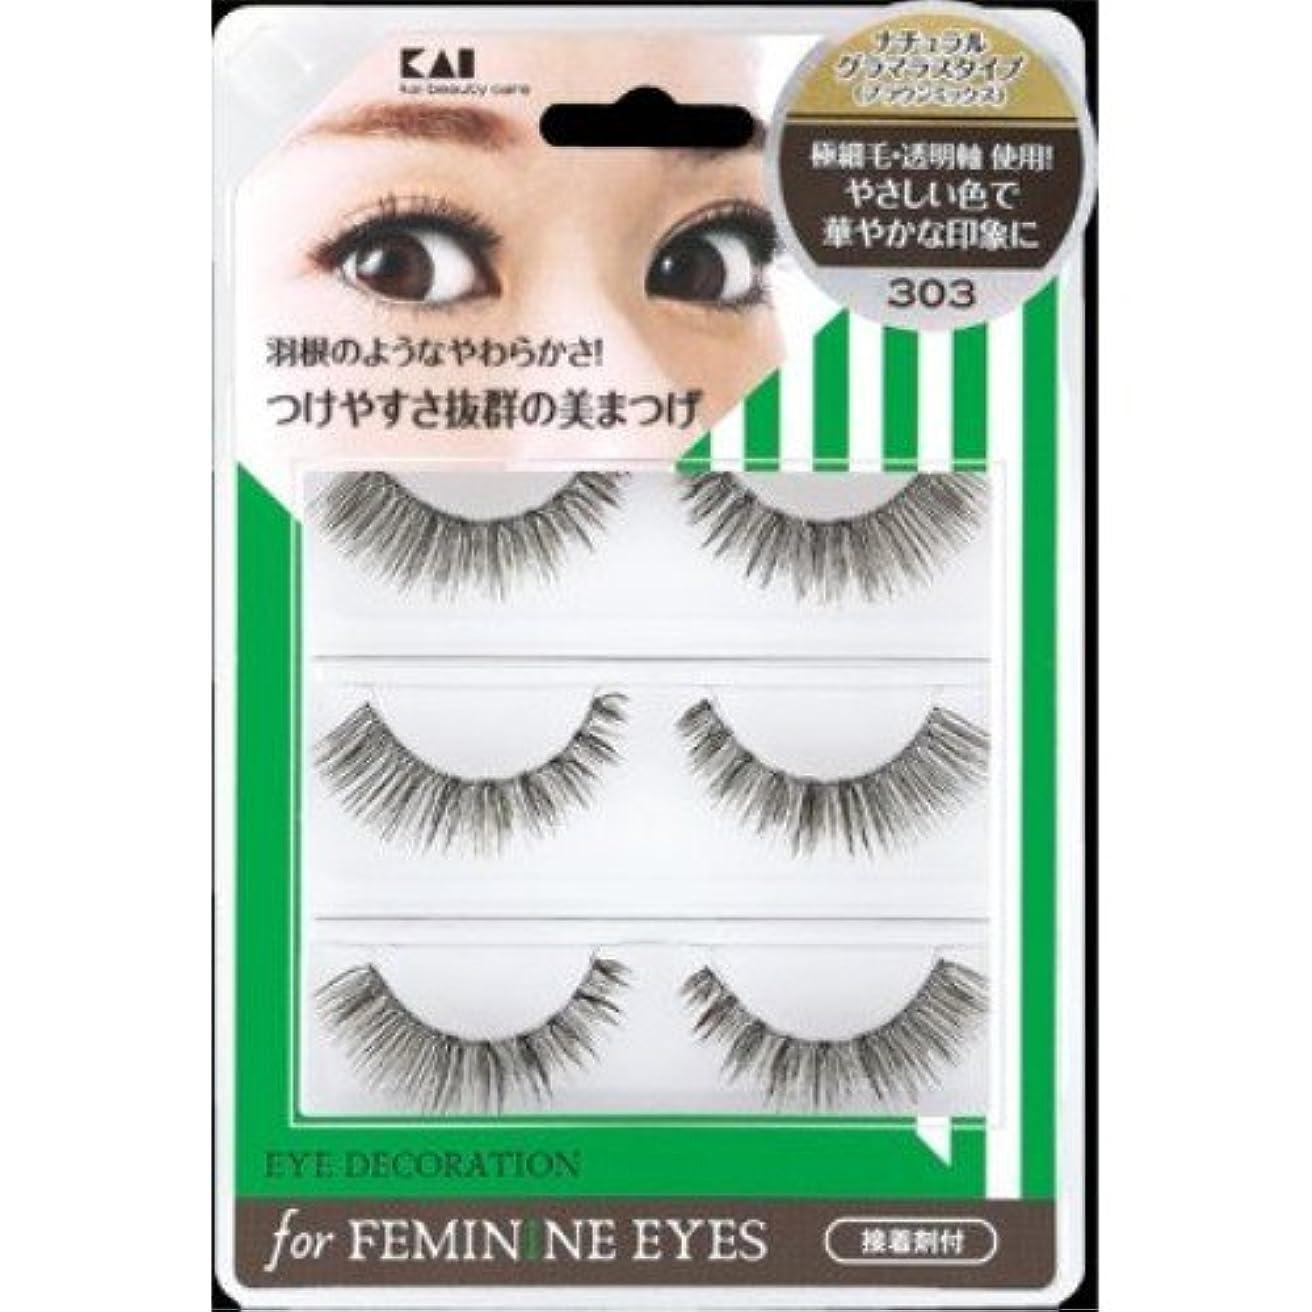 可能性枯れる熟読する貝印 アイデコレーション for feminine eyes 303 HC1563